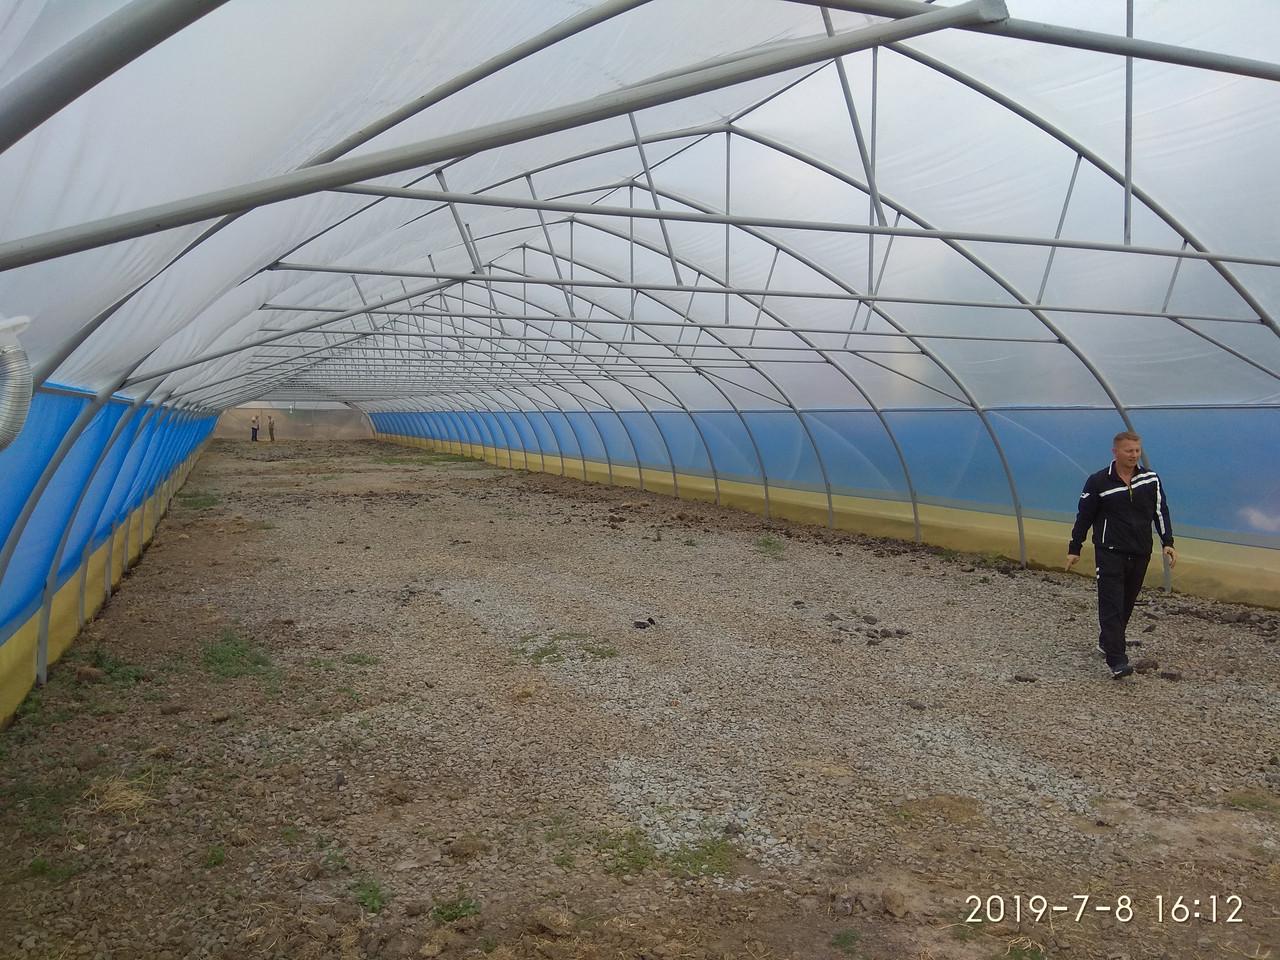 Теплица-термос для бизнеса зимняя фермерская из пленки с наддувом 10х50 м